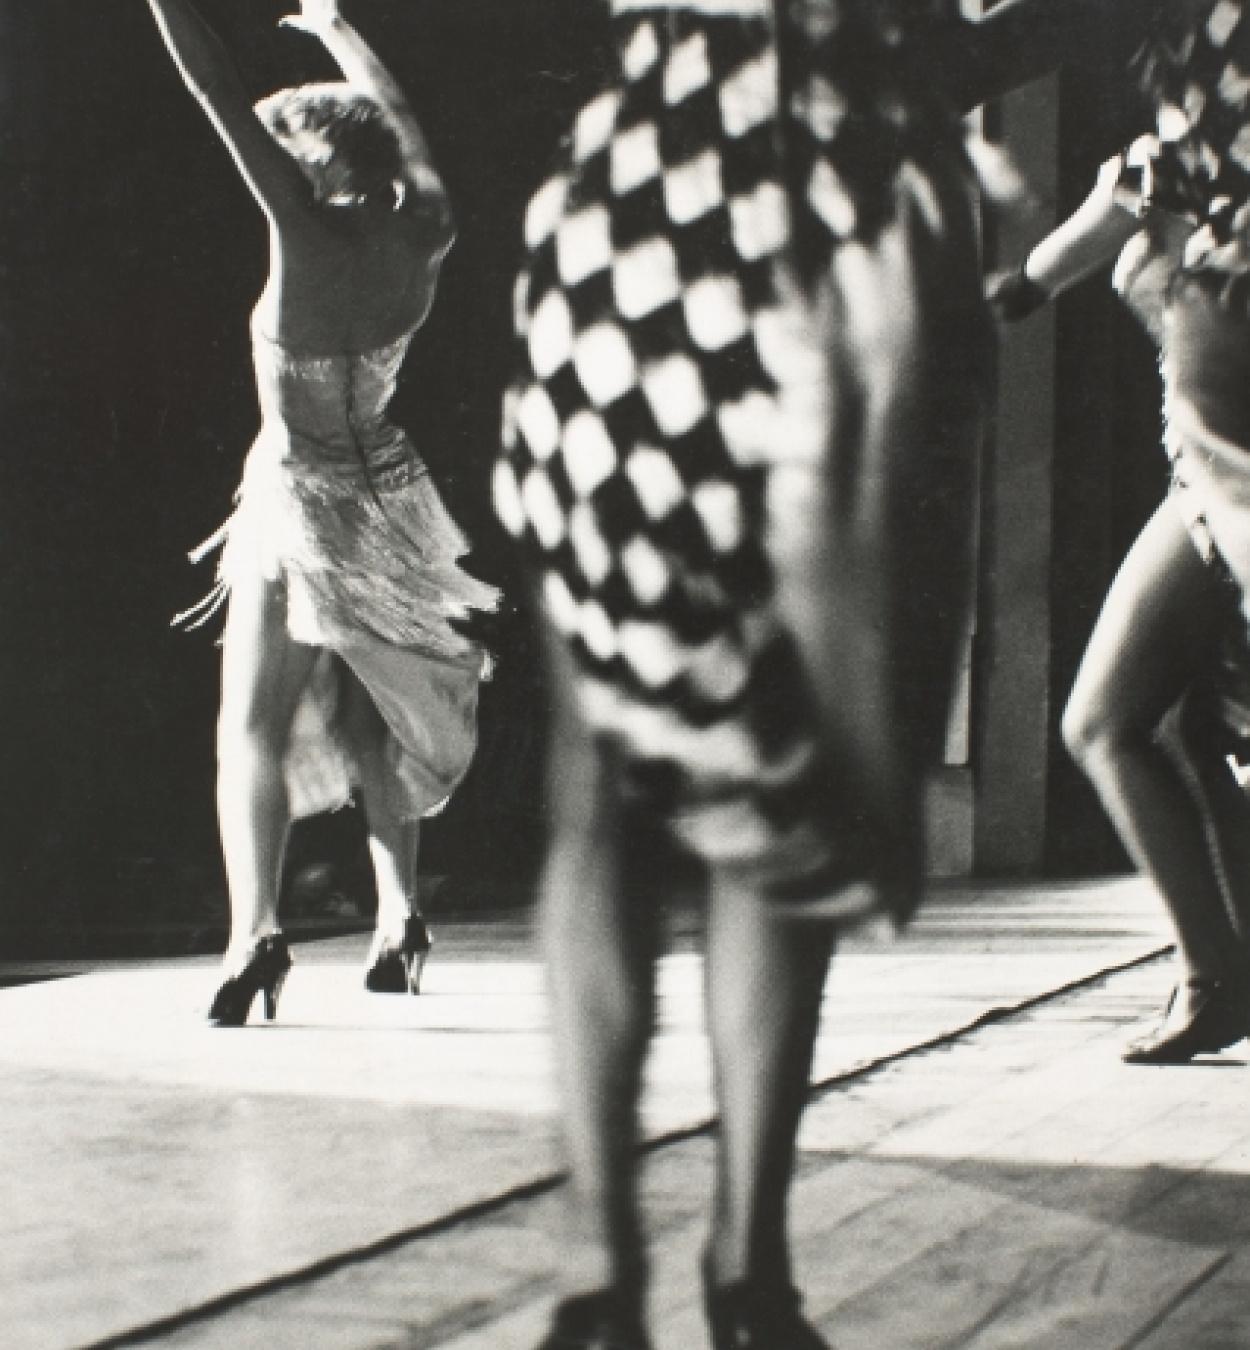 Oriol Maspons, Dones ballant (París), c. 1957. Museu Nacional d'Art de Catalunya, dipòsit de l'artista, 2011. © Arxiu Fotogràfic Oriol Maspons, VEGAP, Barcelona, 2019